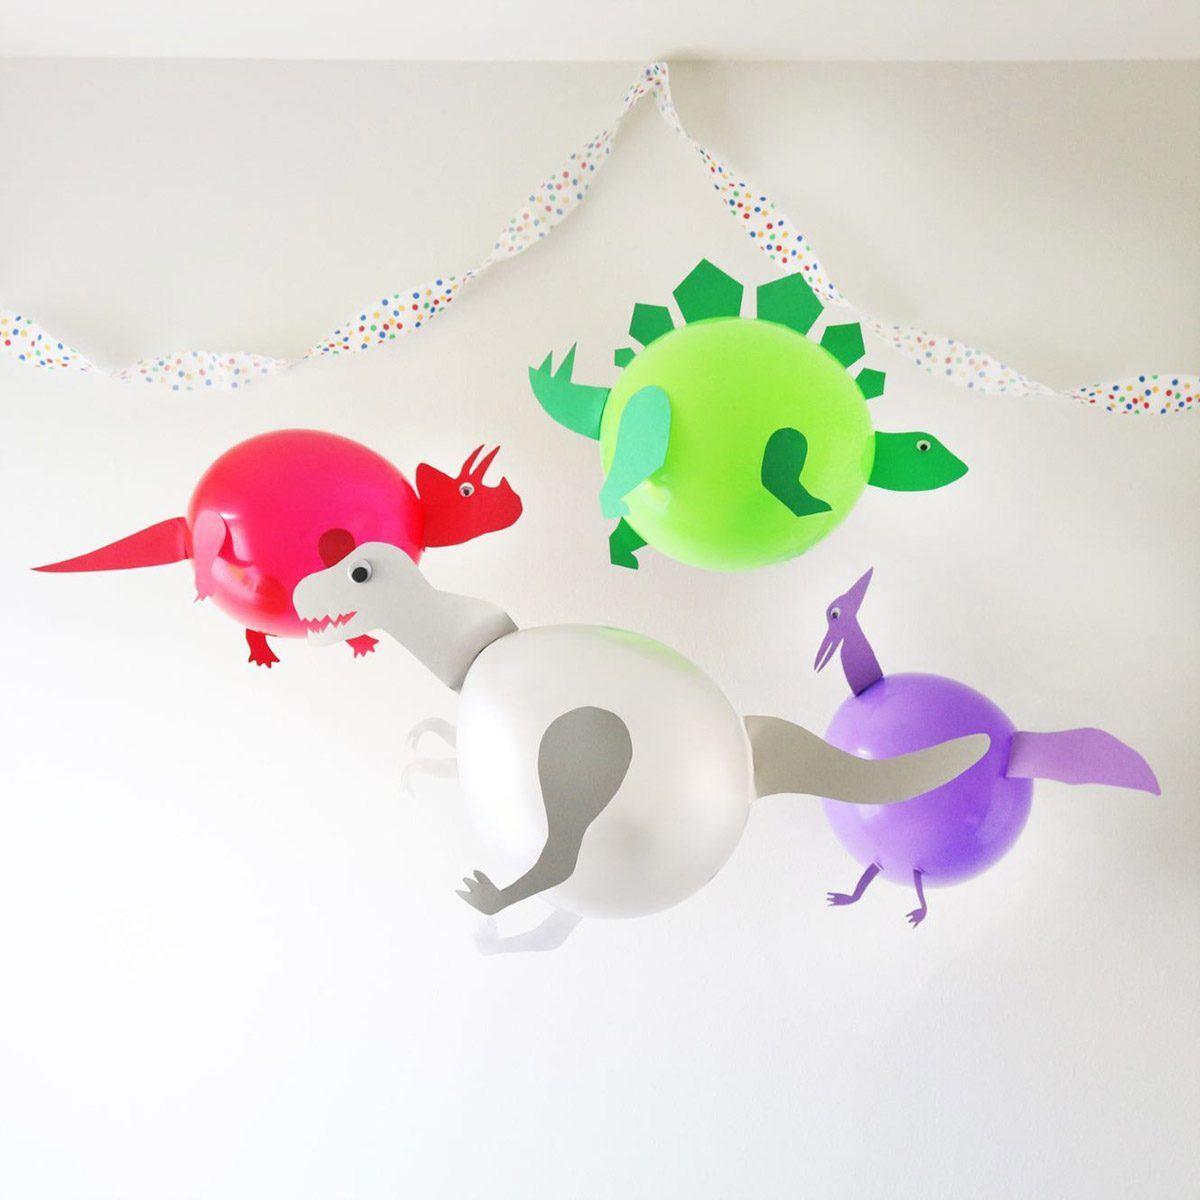 Cómo decorar fiestas infantiles con materiales reciclados dinos